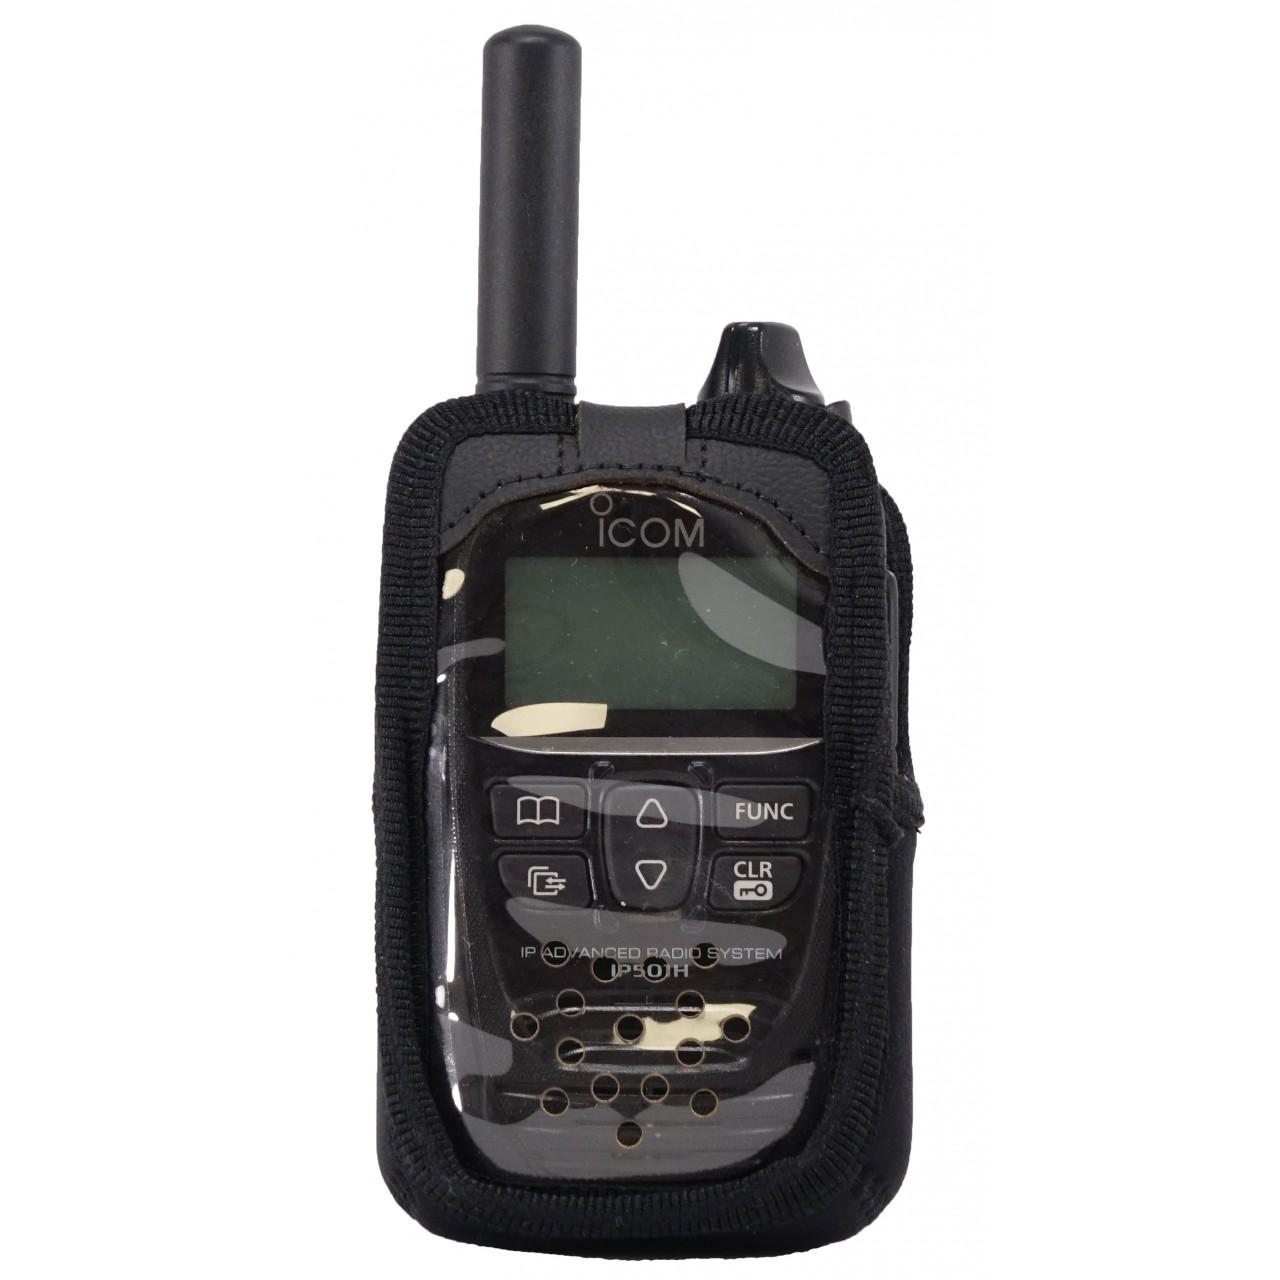 LC-KAIP500 Housses, systèmes d'attache et berceaux - ICOM